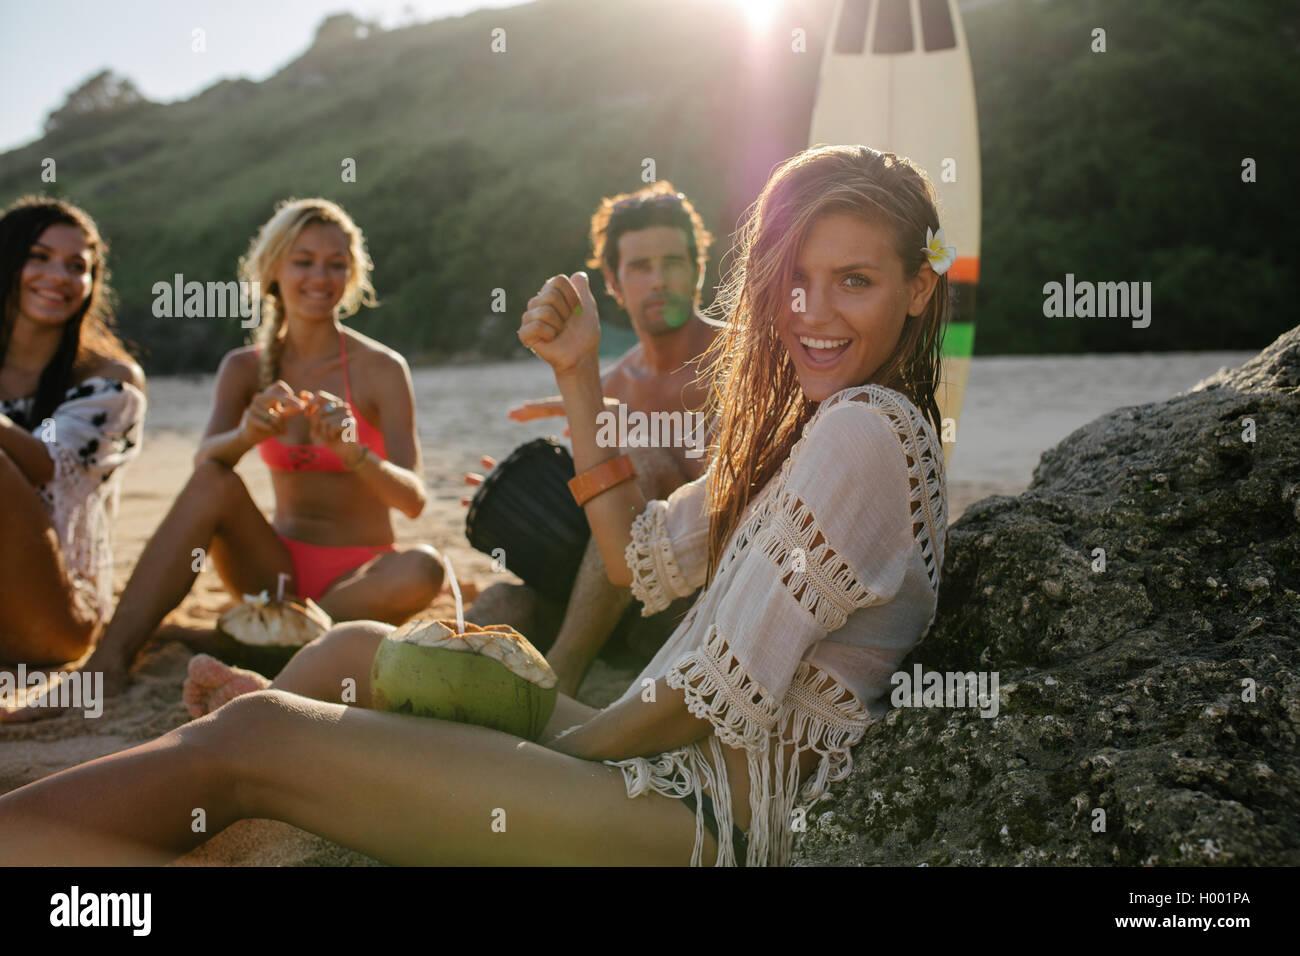 Emocionada joven divirtiéndose en la playa con sus amigos en el fondo. Grupo de amigos disfrutando de sus vacaciones Imagen De Stock